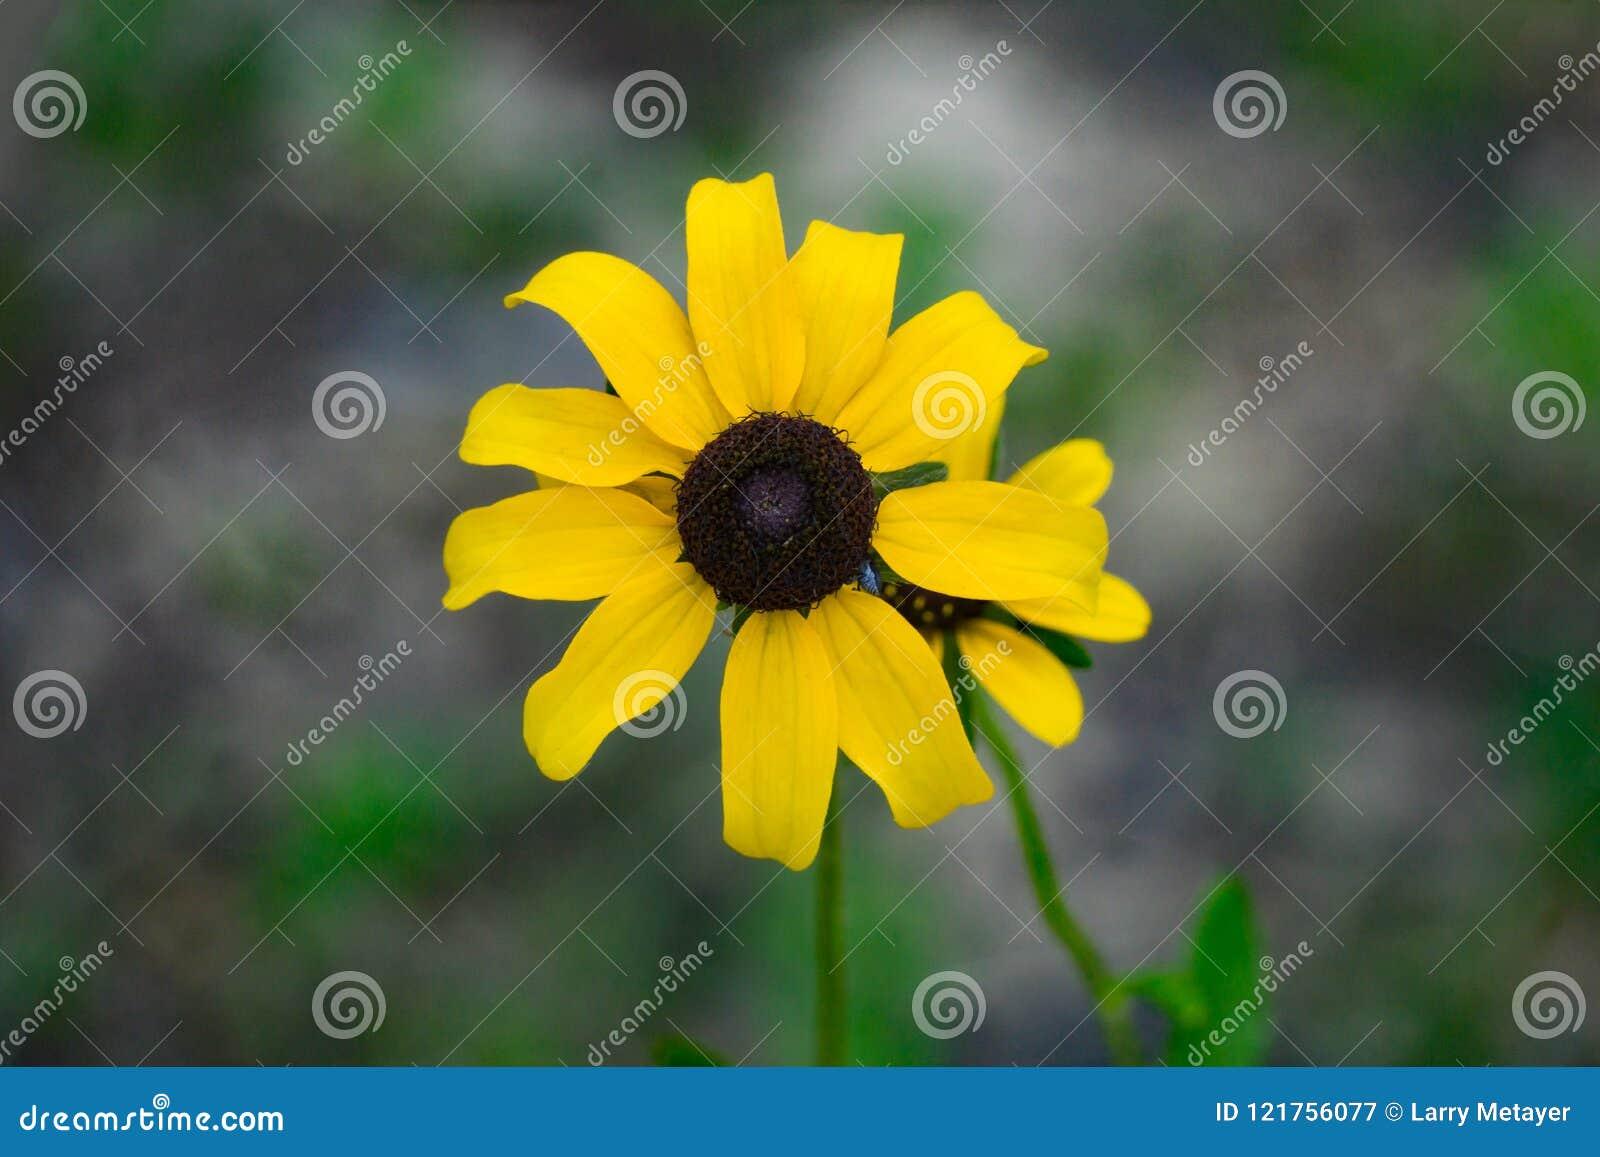 """一黑眼睛的苏珊â€的特写镜头""""黄金菊hirta"""